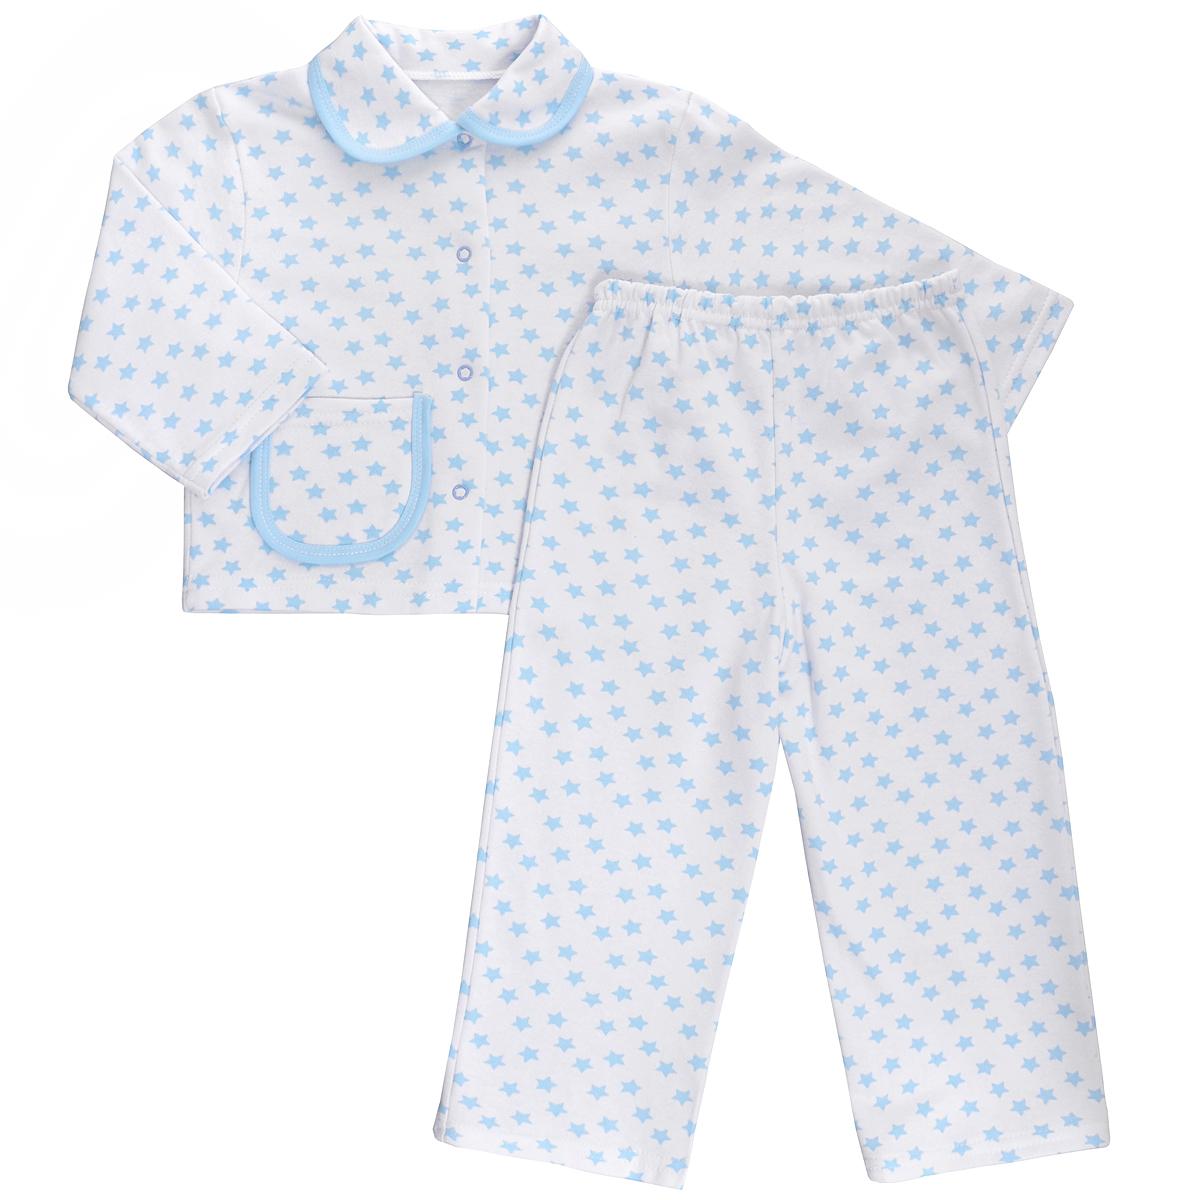 Пижама детская Трон-плюс, цвет: белый, голубой, рисунок звезды. 5552. Размер 86/92, 2-3 года5552Яркая детская пижама Трон-плюс, состоящая из кофточки и штанишек, идеально подойдет вашему малышу и станет отличным дополнением к детскому гардеробу. Теплая пижама, изготовленная из набивного футера - натурального хлопка, необычайно мягкая и легкая, не сковывает движения ребенка, позволяет коже дышать и не раздражает даже самую нежную и чувствительную кожу малыша. Кофта с длинными рукавами имеет отложной воротничок и застегивается на кнопки, также оформлена небольшим накладным карманчиком. Штанишки на удобной резинке не сдавливают животик ребенка и не сползают.В такой пижаме ваш ребенок будет чувствовать себя комфортно и уютно во время сна.